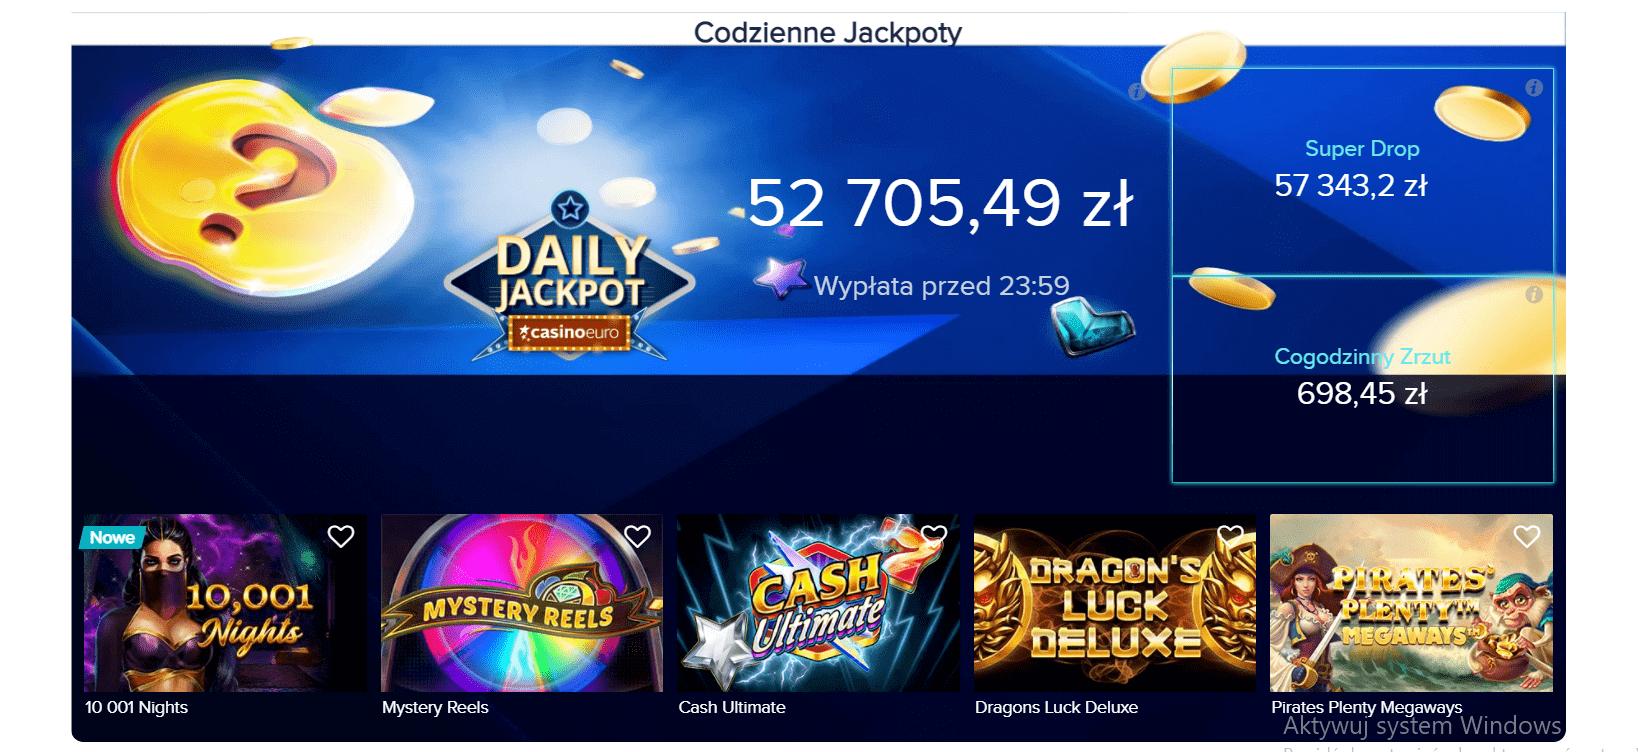 casinoeuro jackpot automaty screenshot